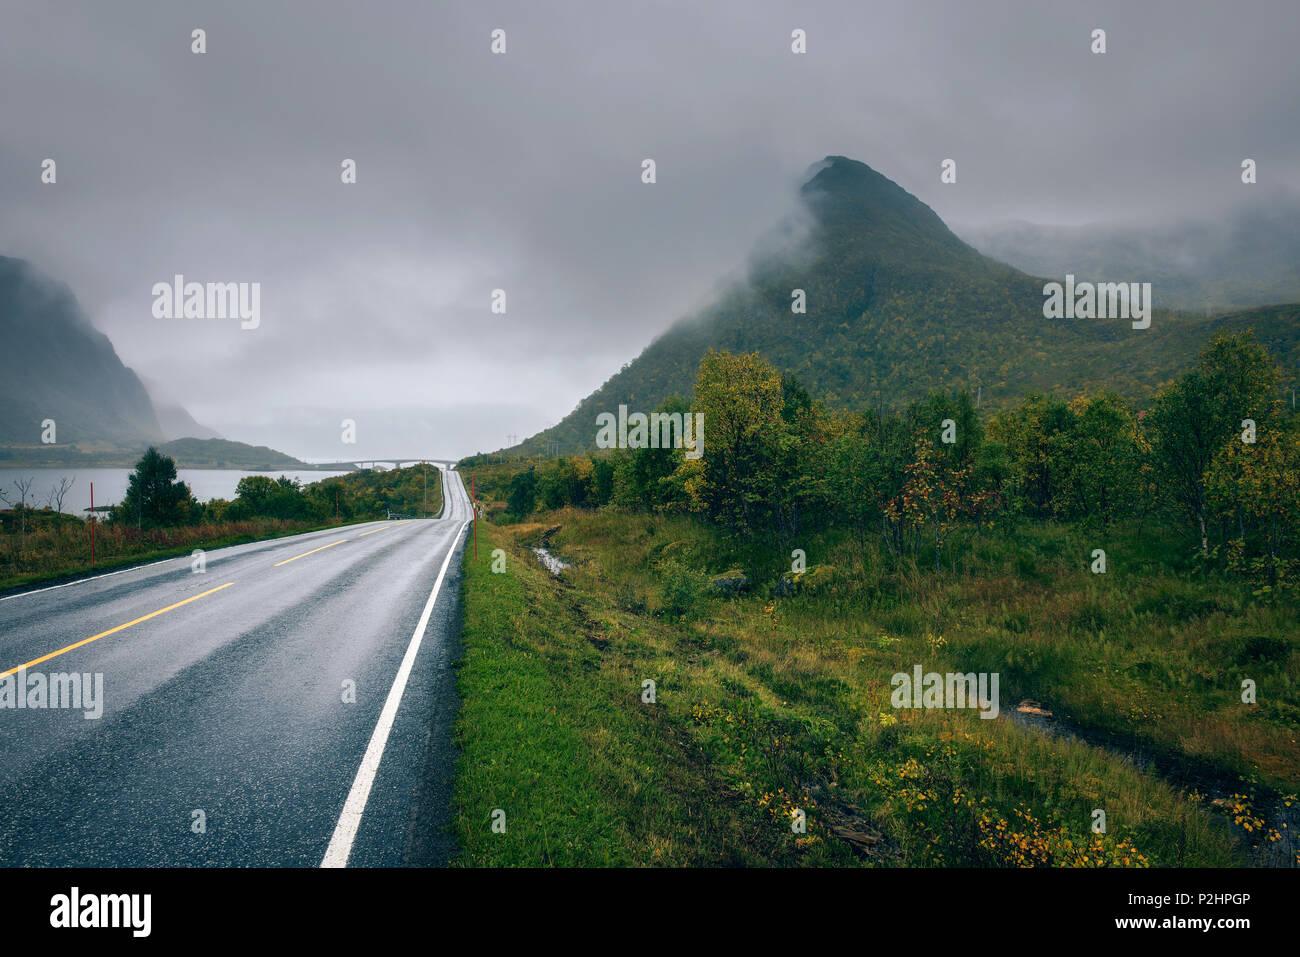 La route panoramique le long de la côte de Norvège sur un jour brumeux et pluvieux Photo Stock